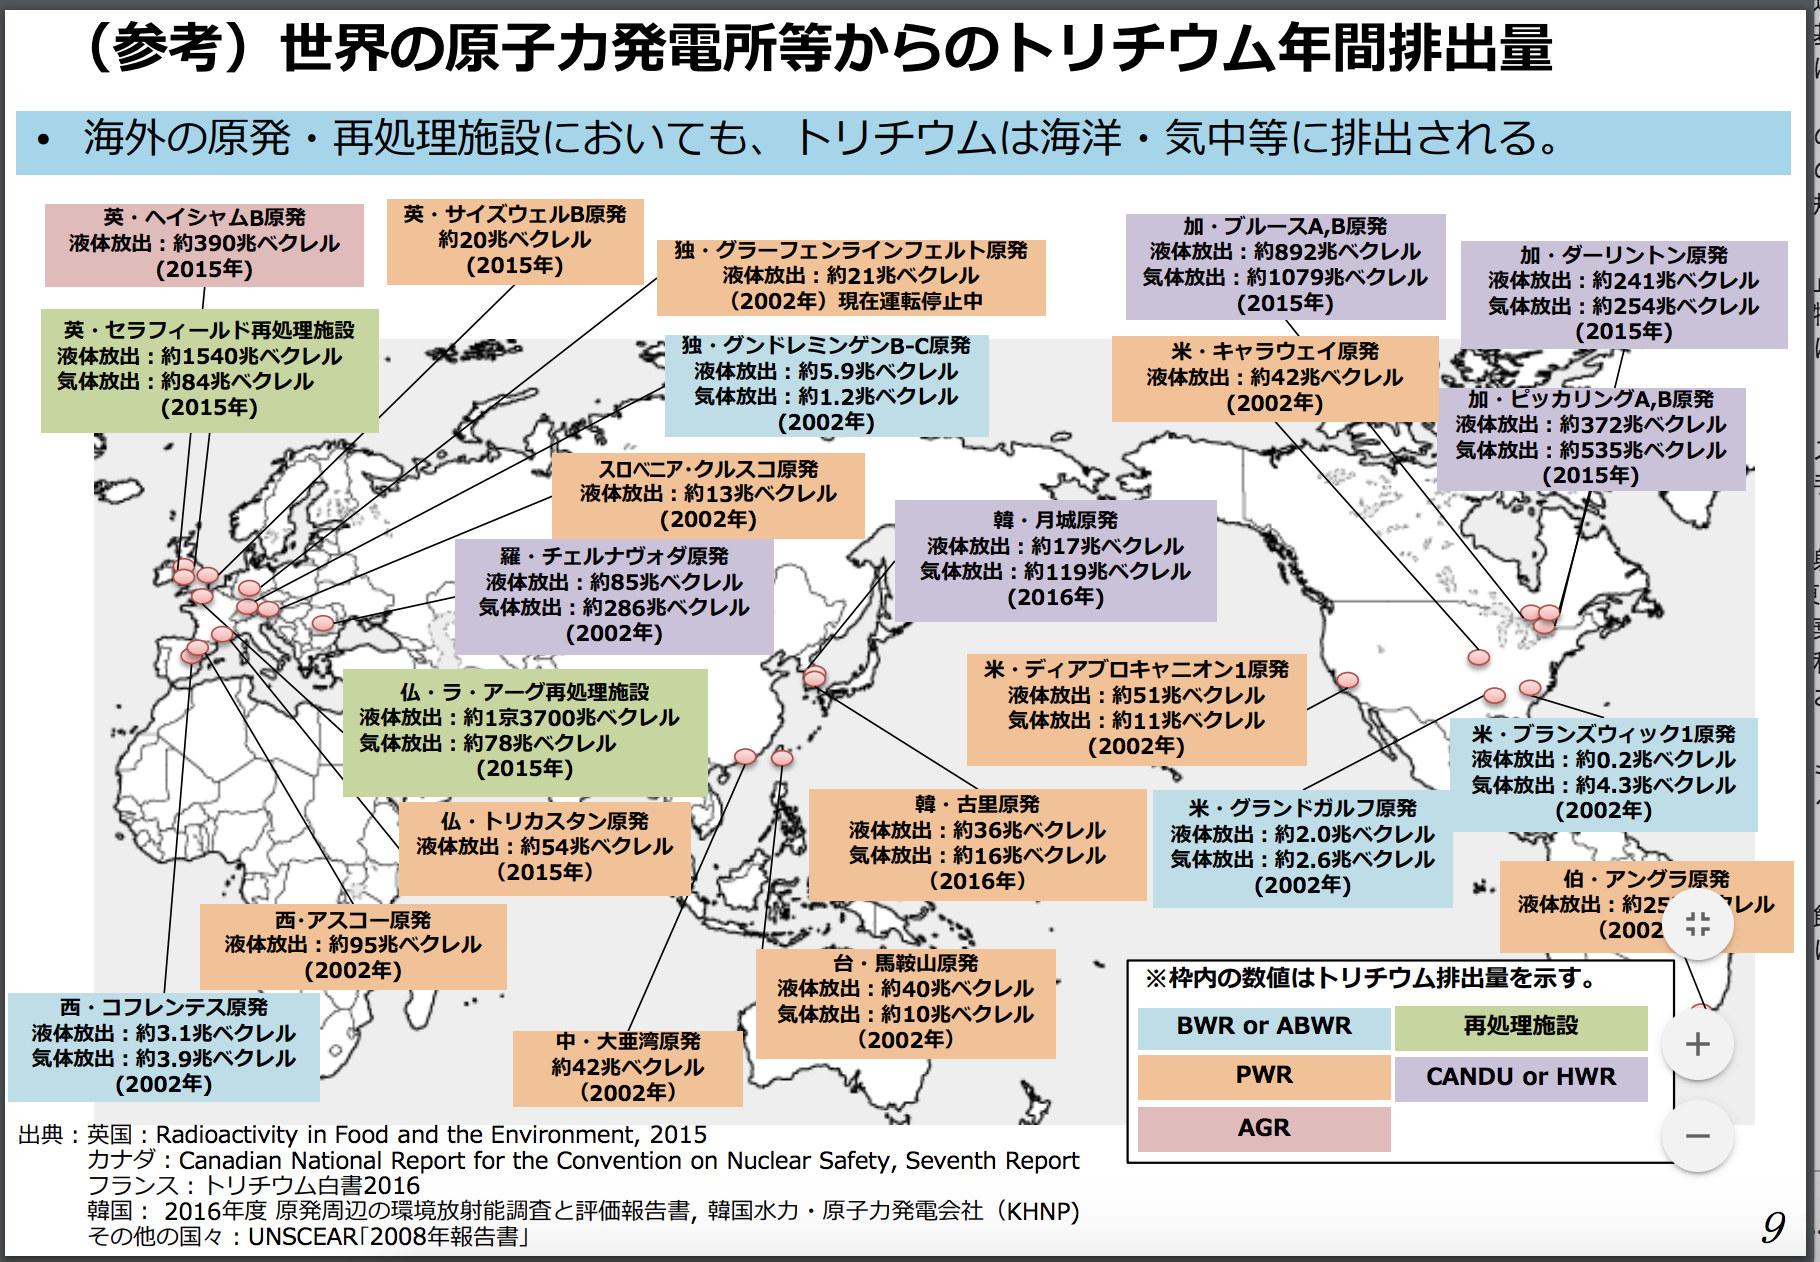 海洋 放出 水 処理 原発処理水の海洋放出、海外はどう報じた? 解決へのヒントも